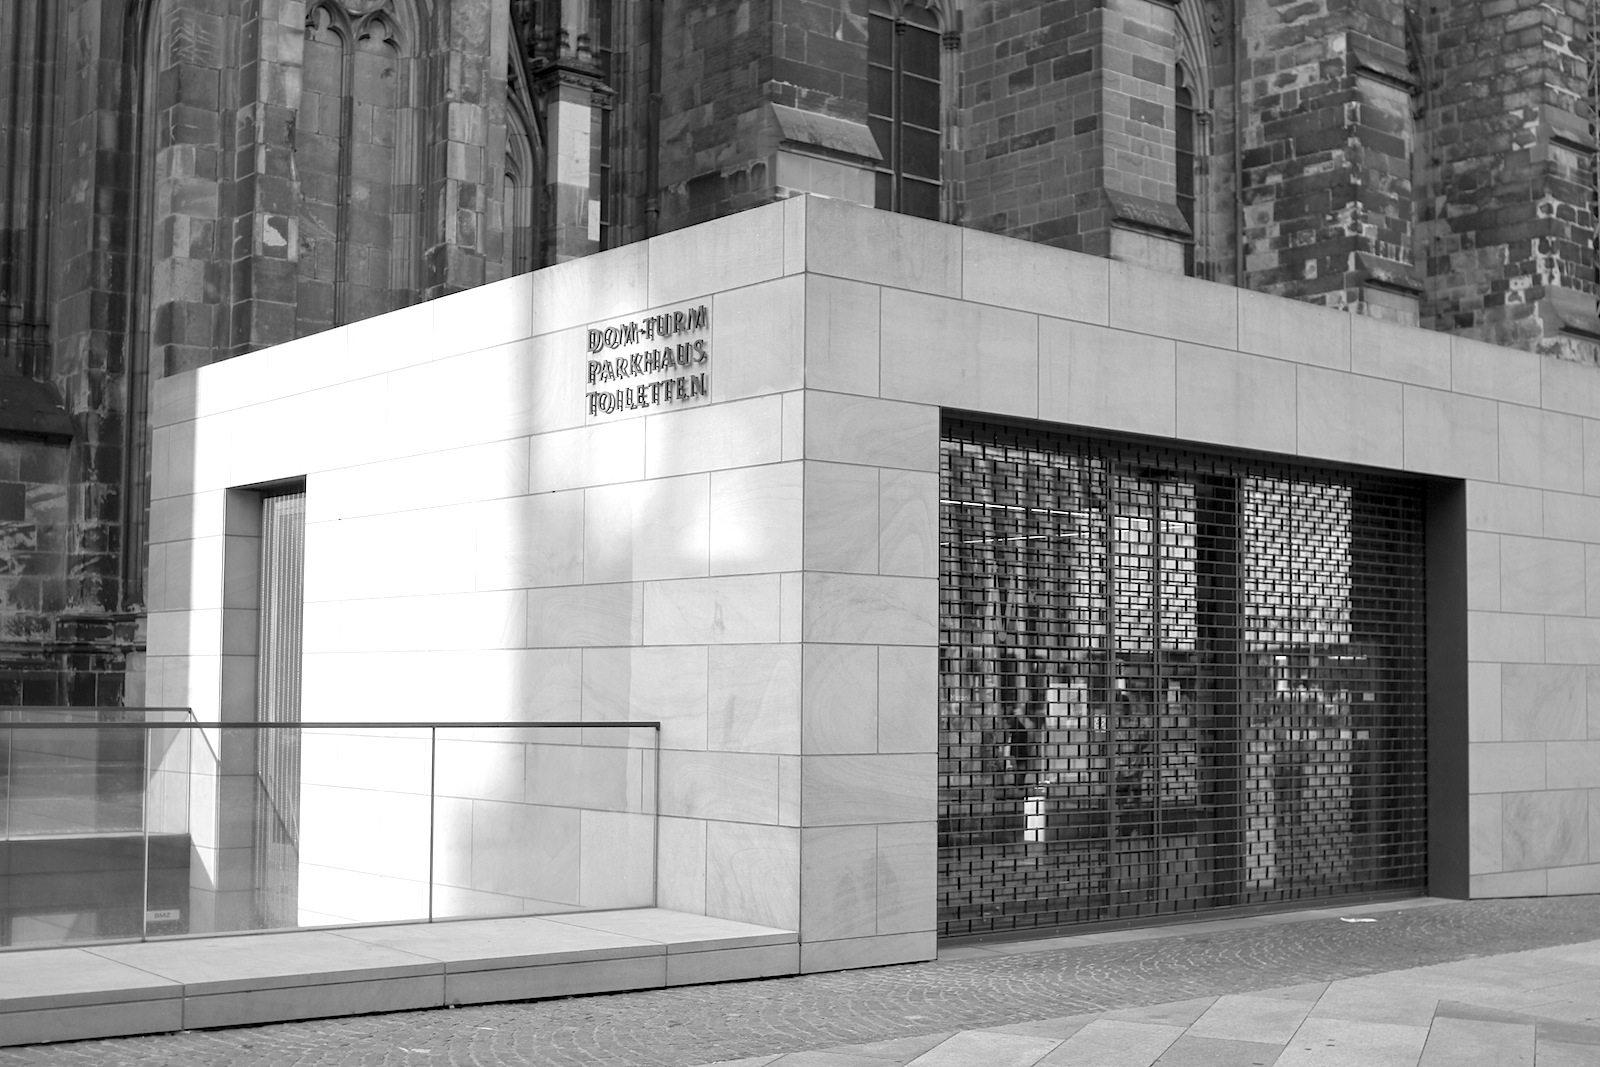 Neubau eines Zugangsbauwerkes zum Südturm, 2009. Minimalistisch-kubische Pavillonarchitektur am Dom.